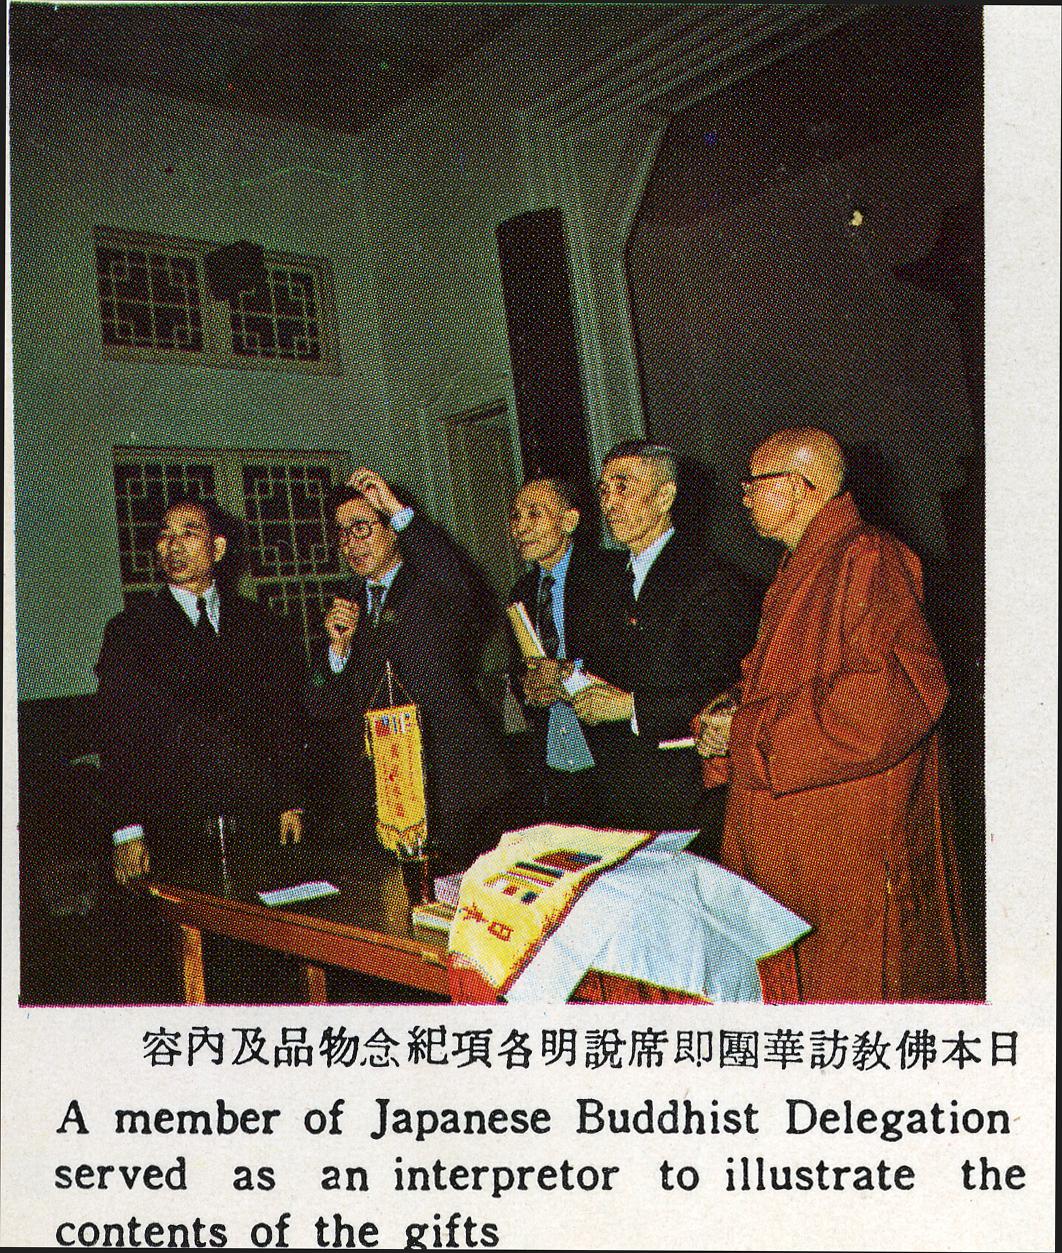 日本佛教親善訪華團拜訪道安法師